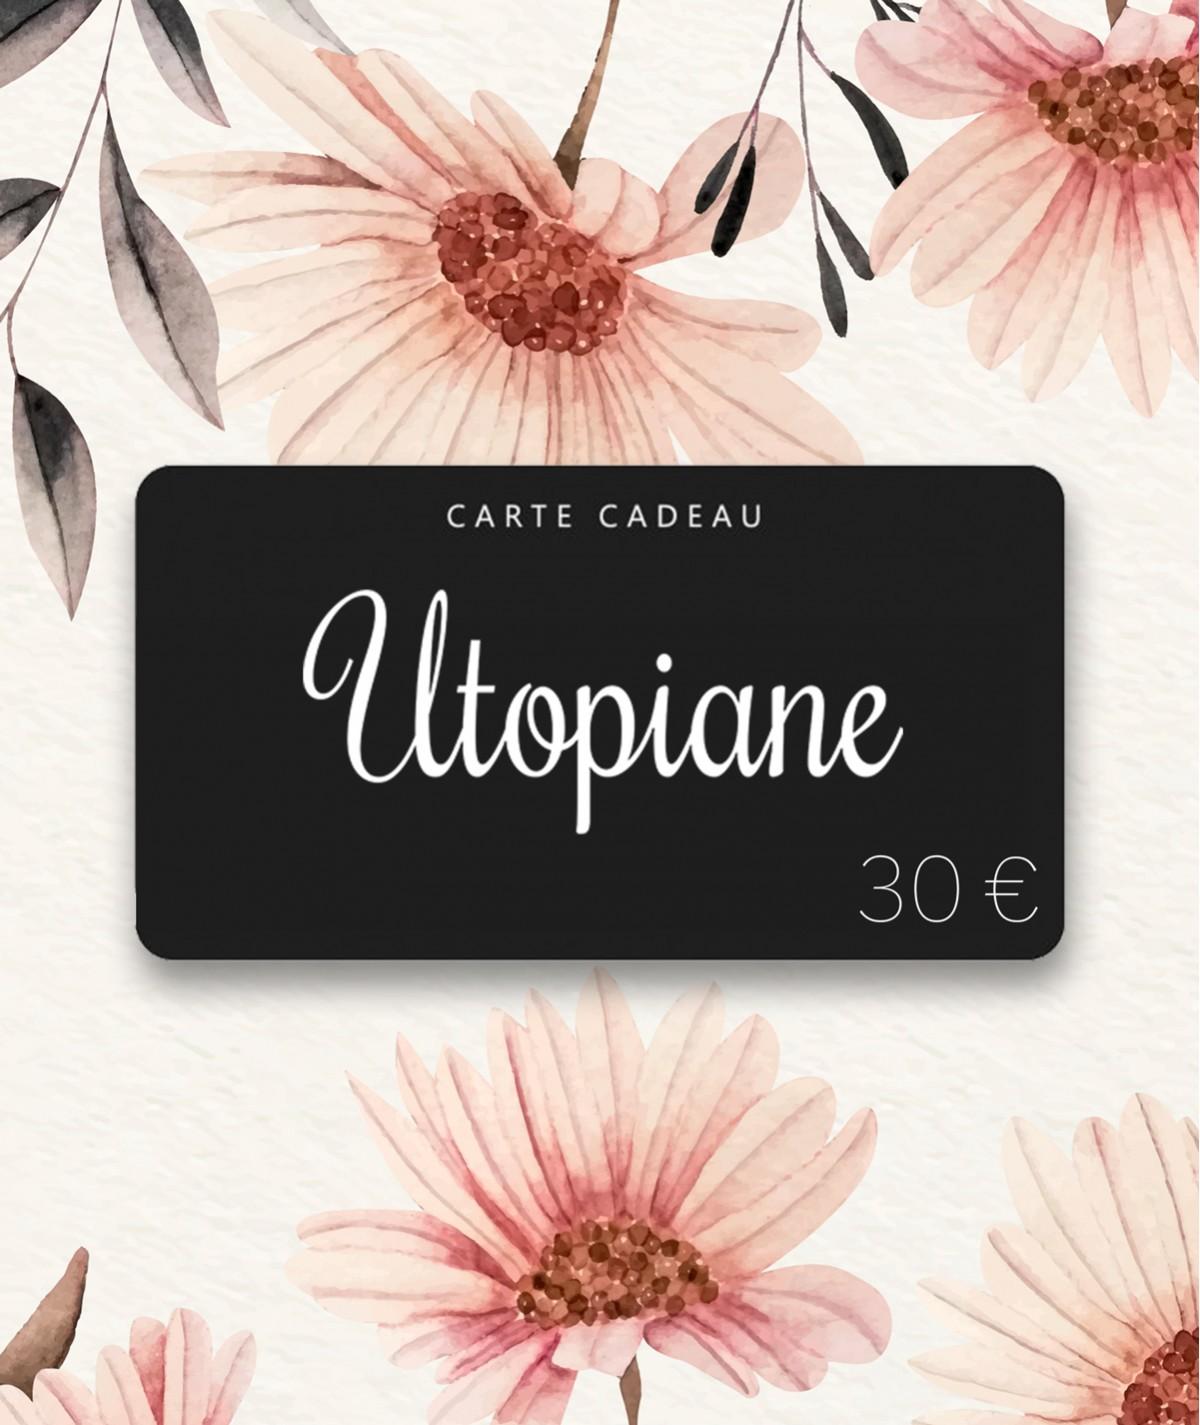 Utopiane Carte cadeau 30 euros